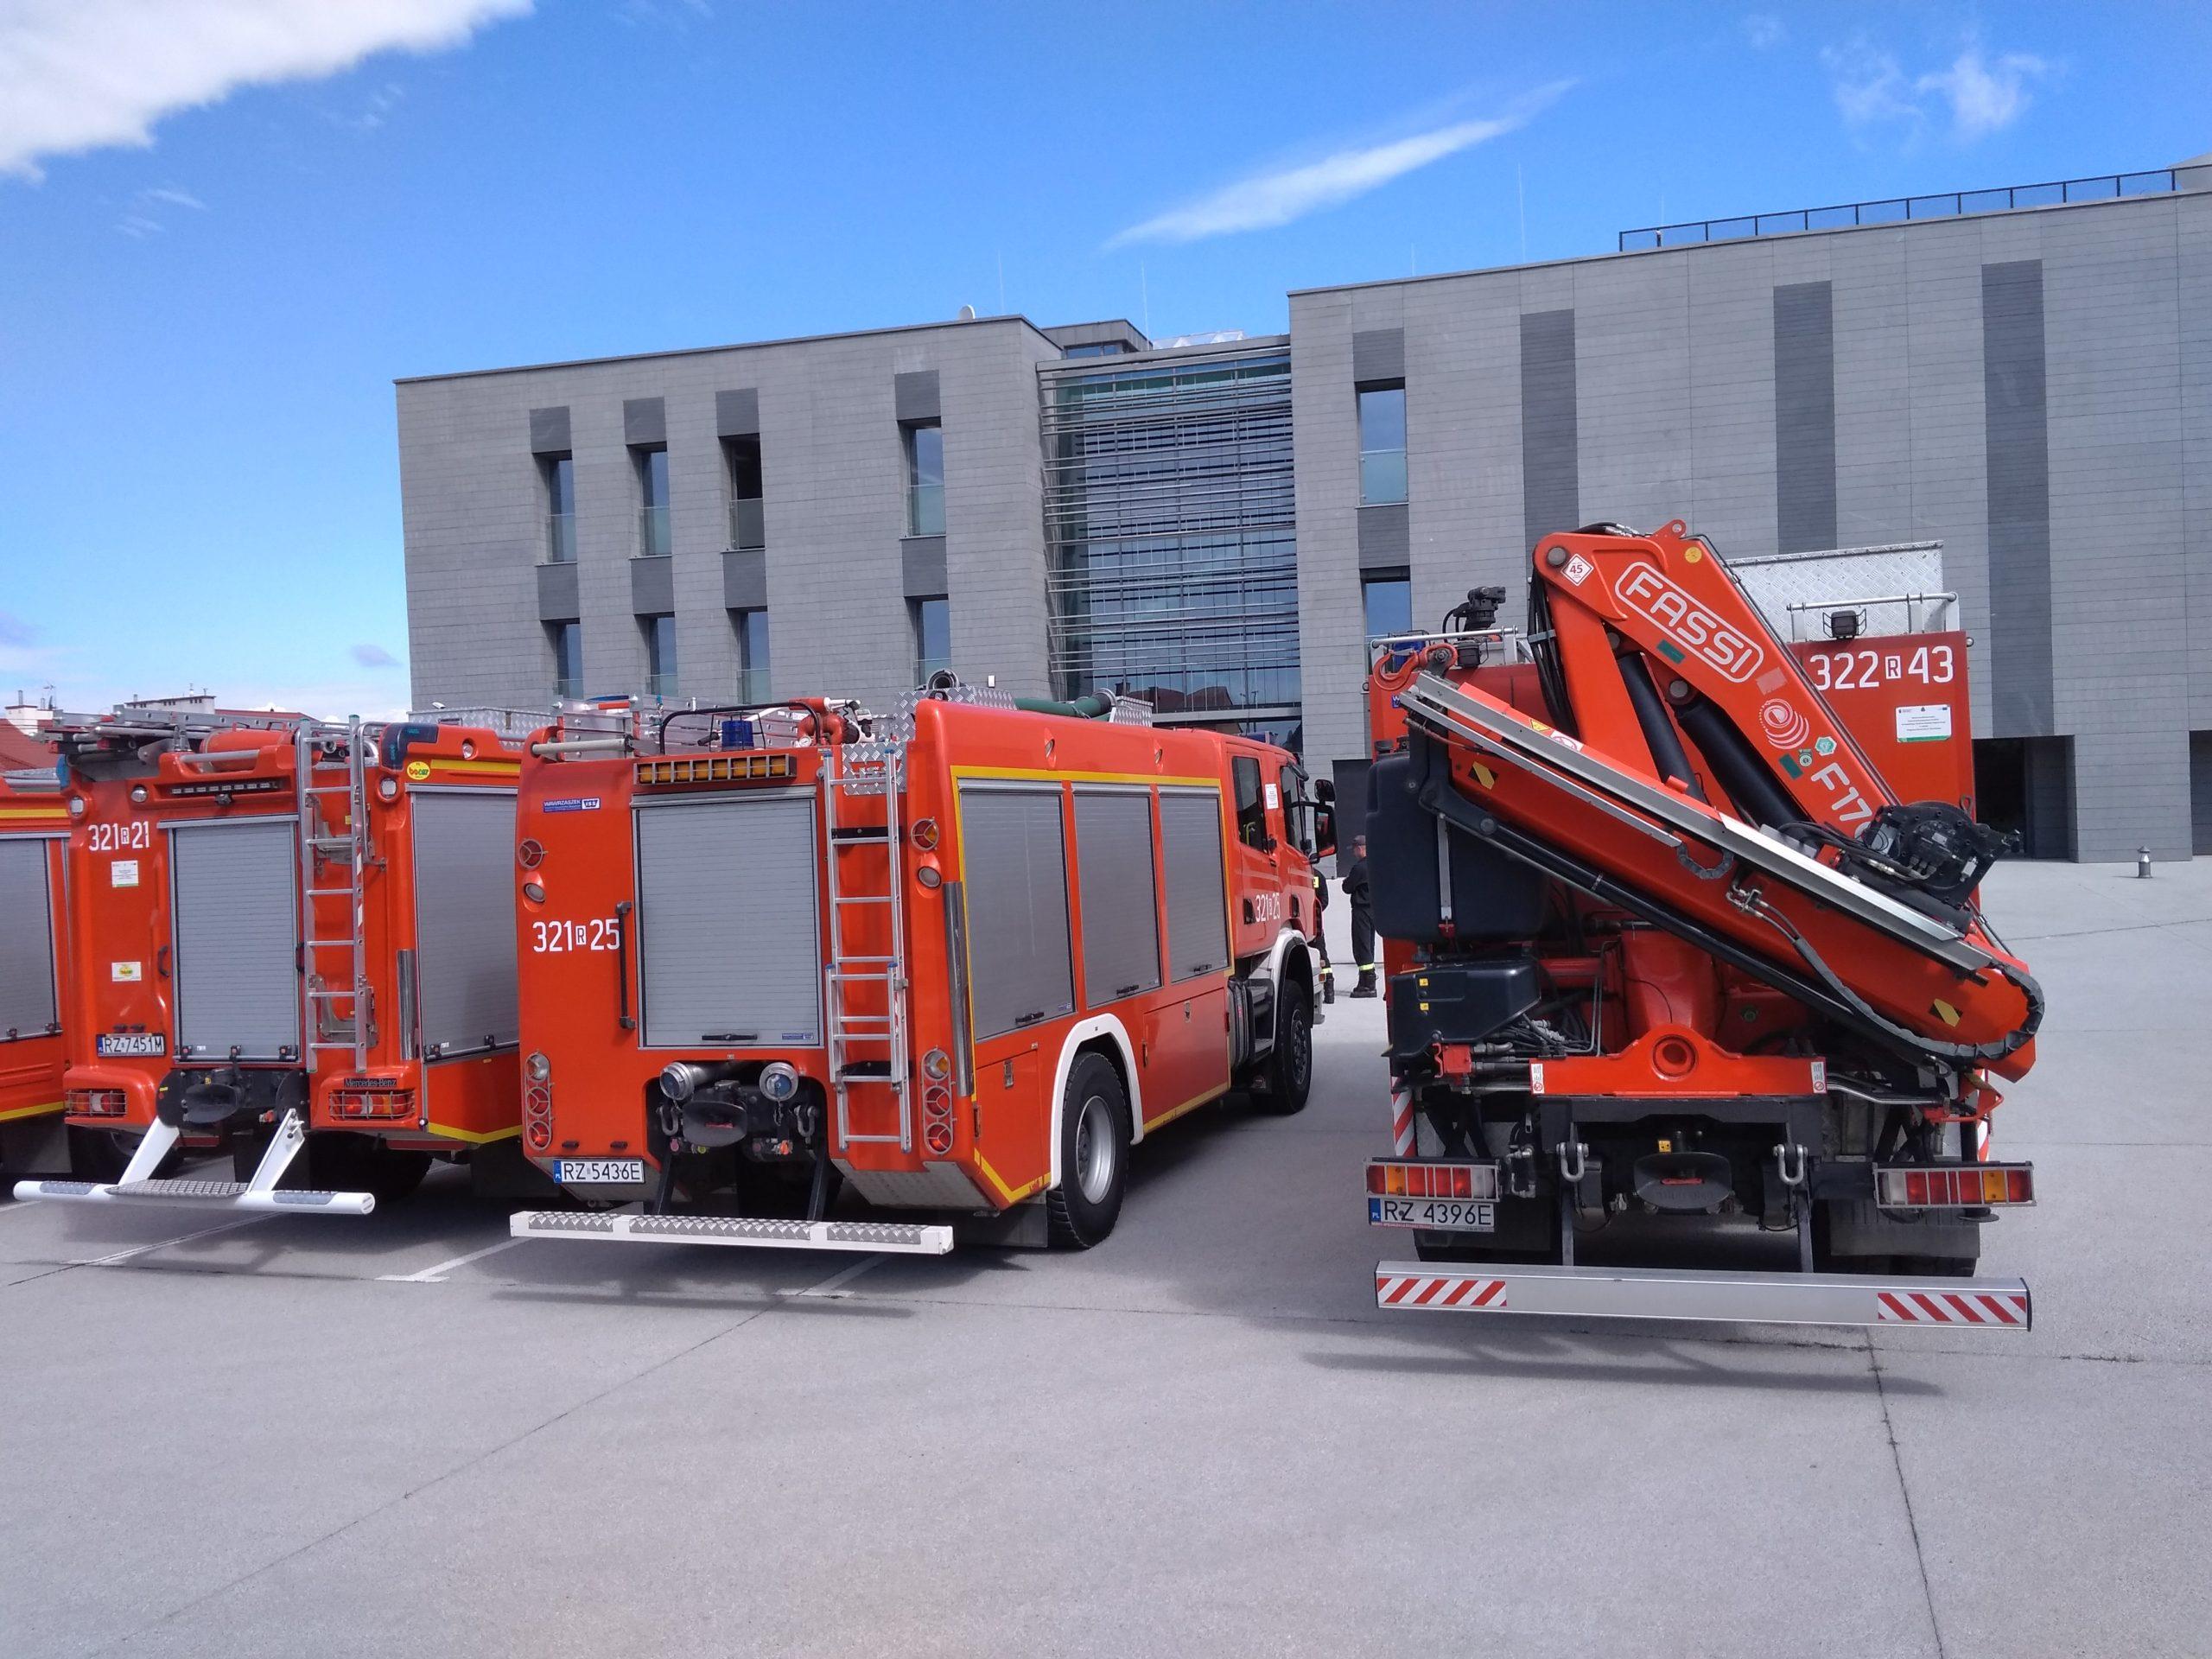 ćwiczenia przeciwpożarowe - trzy wozy strażackie